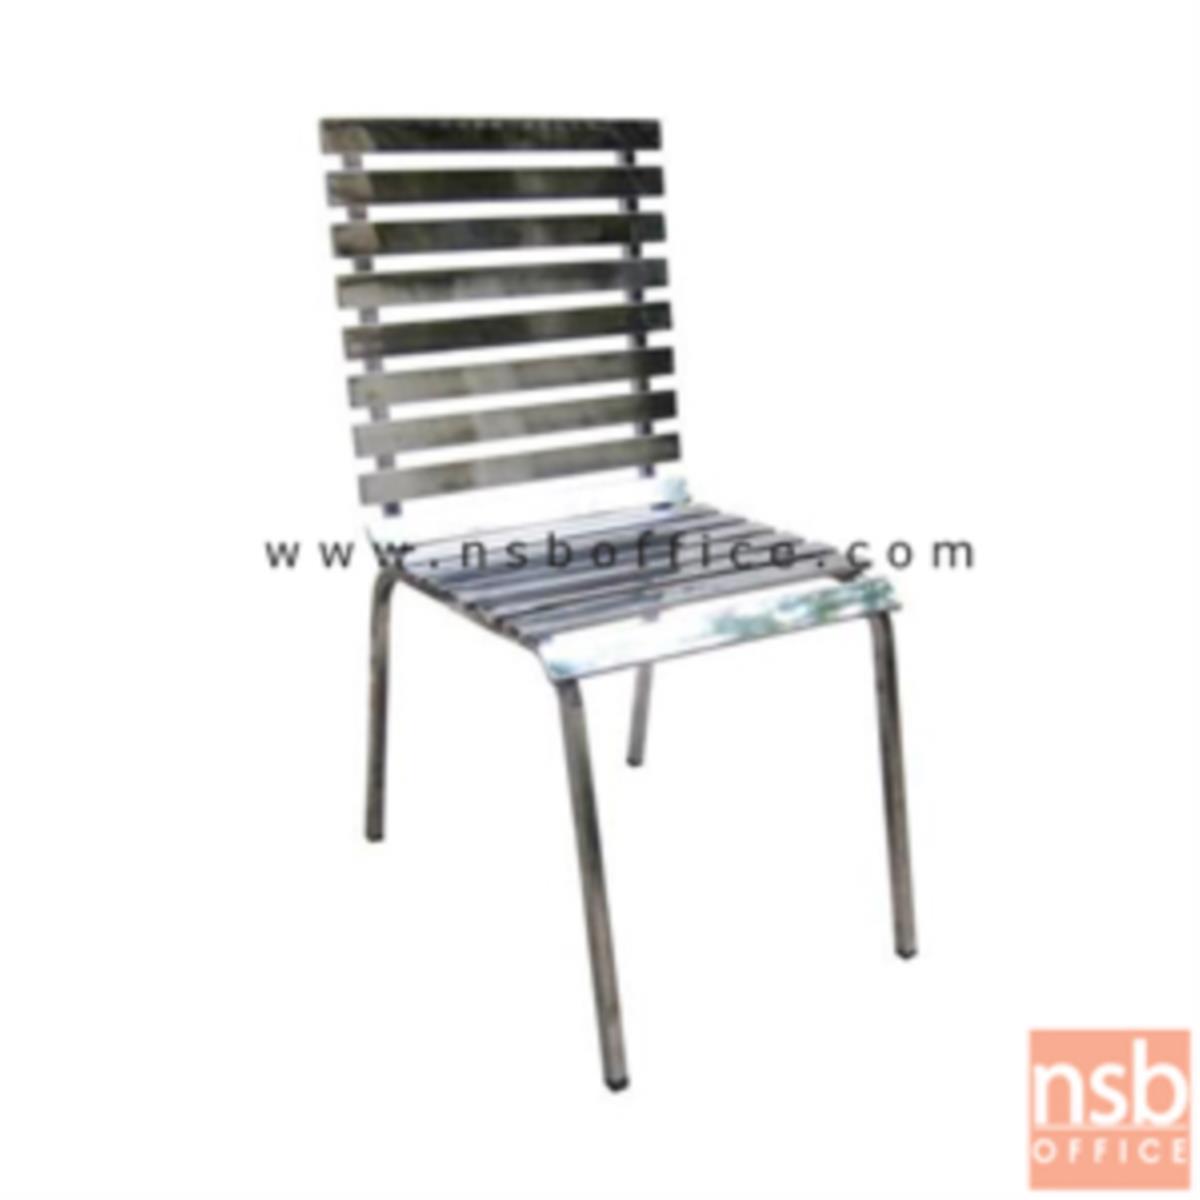 G12A086:เก้าอี้อเนกประสงค์สแตนเลส รุ่น Adah (เอดาห์)   ขาสเตนเลส